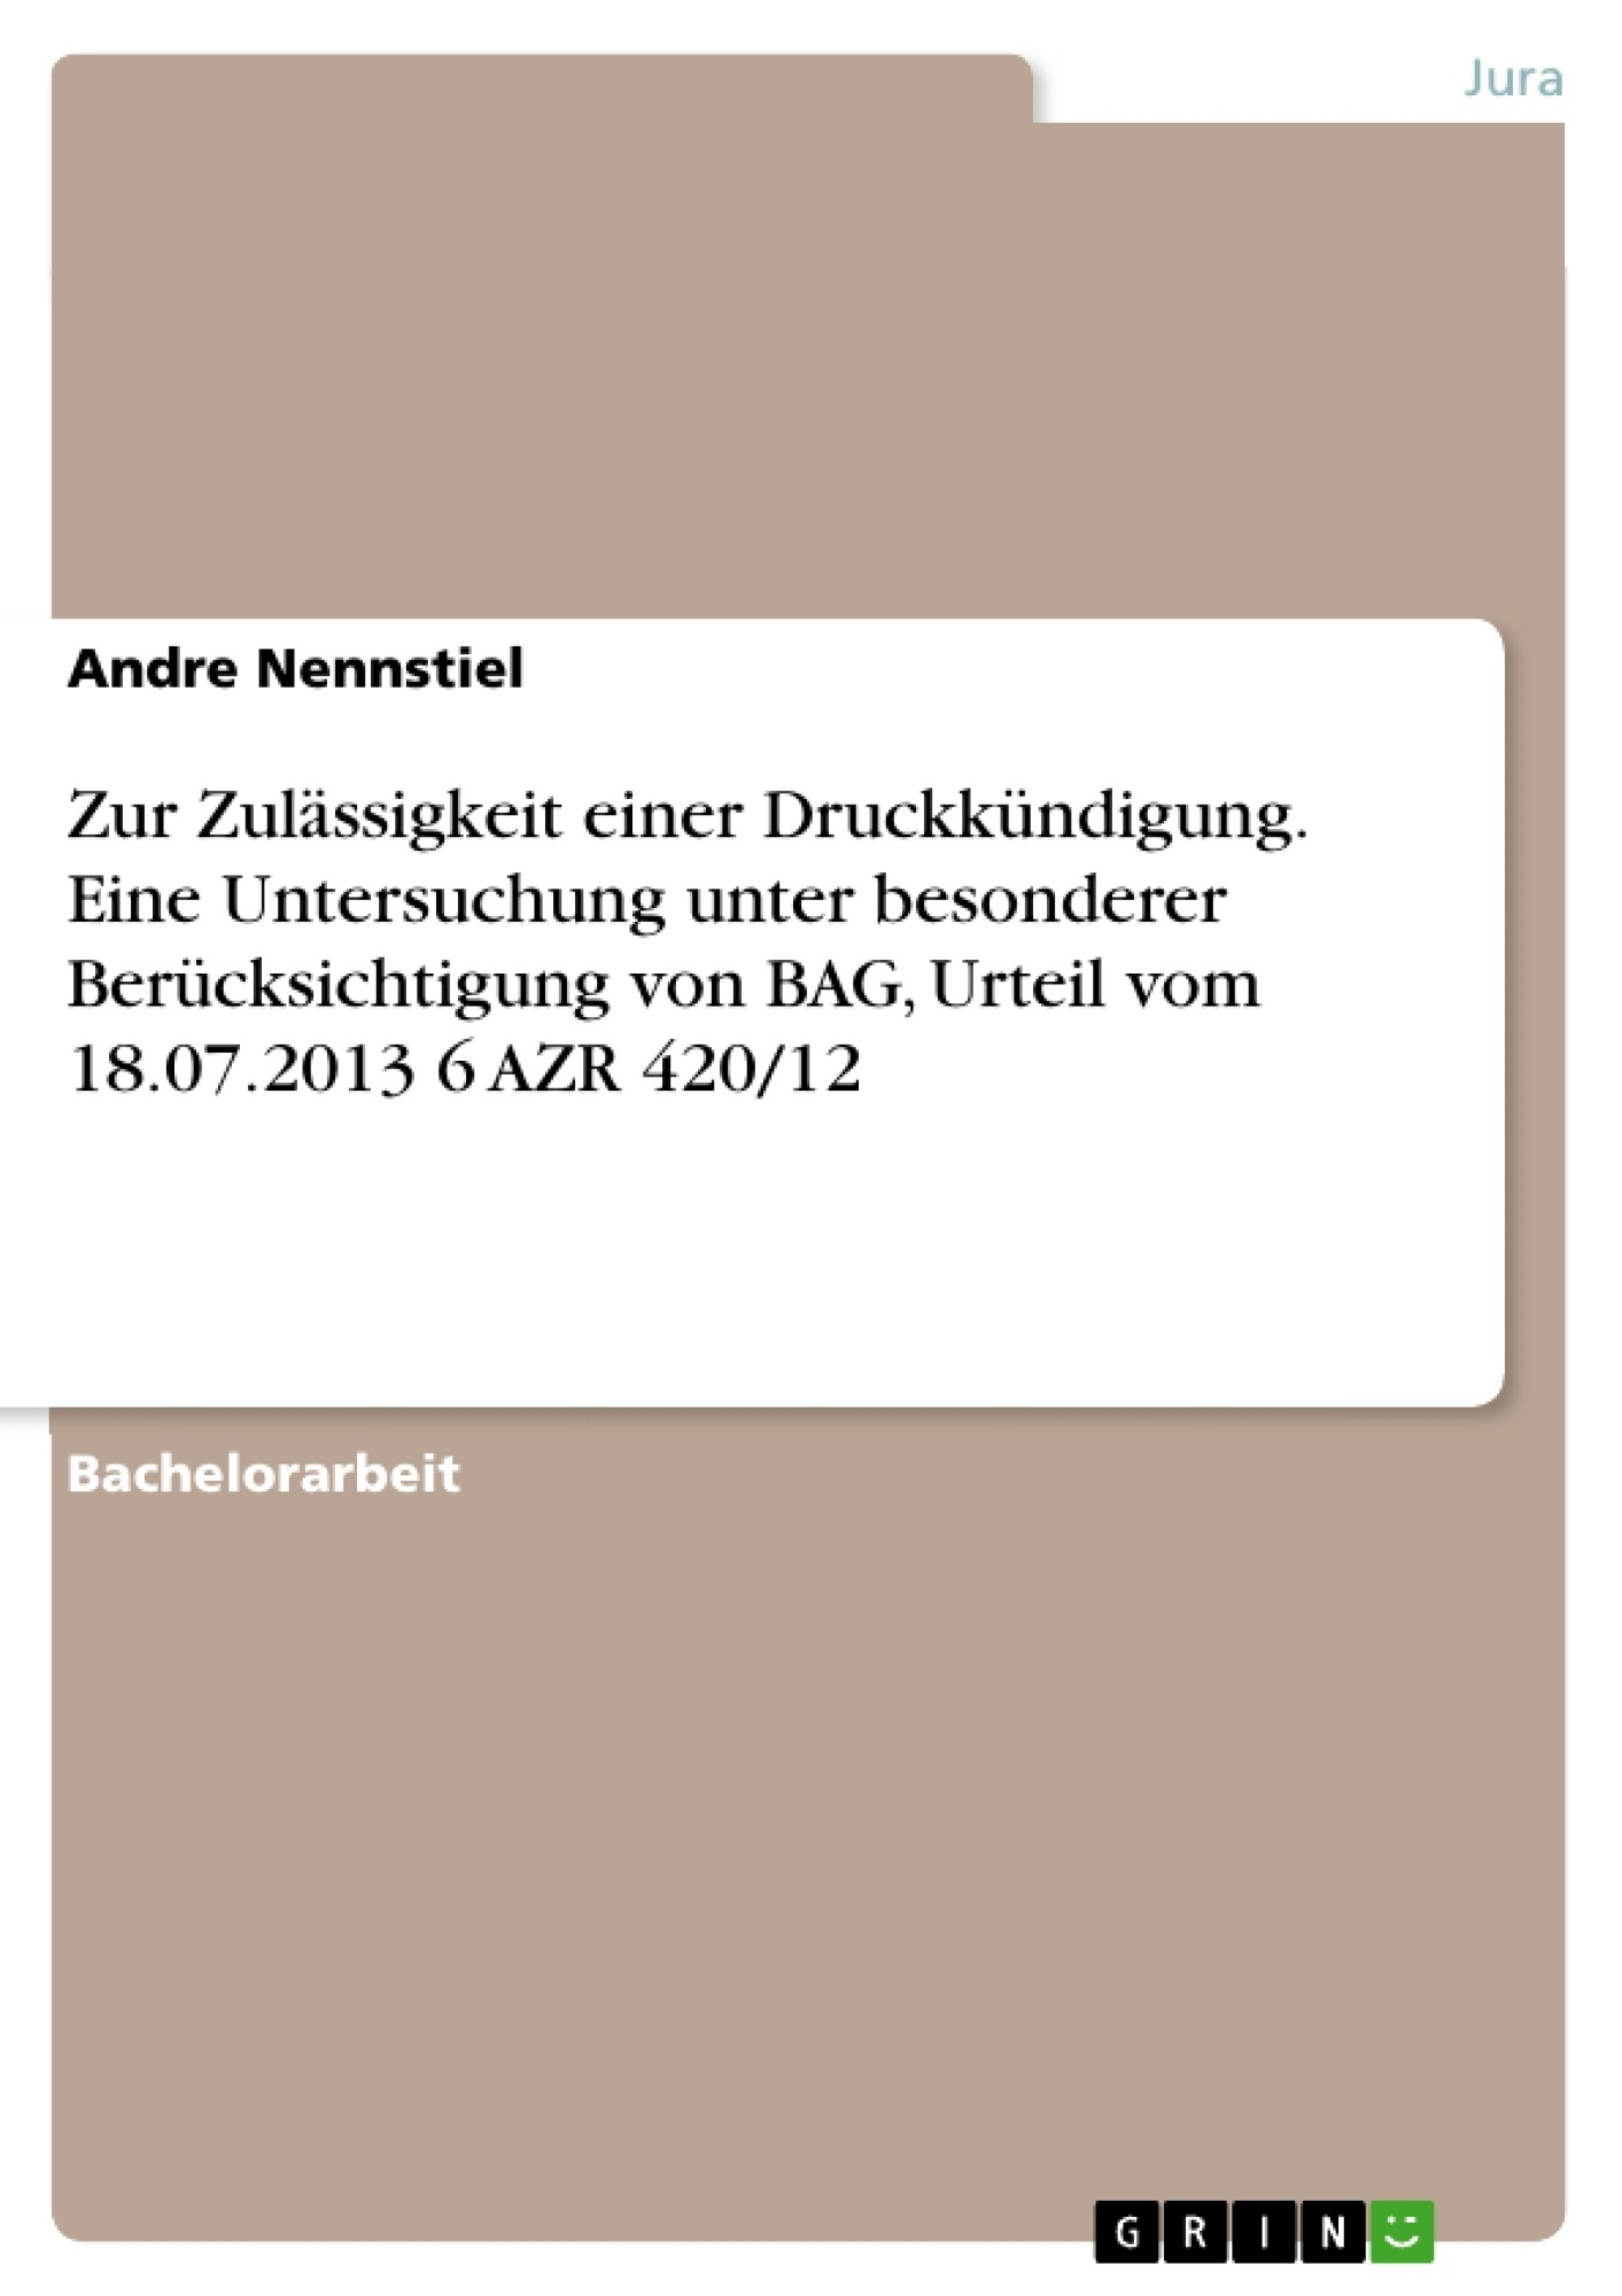 Titel: Zur Zulässigkeit einer Druckkündigung. Eine Untersuchung unter besonderer Berücksichtigung von BAG, Urteil vom 18.07.2013 6 AZR 420/12